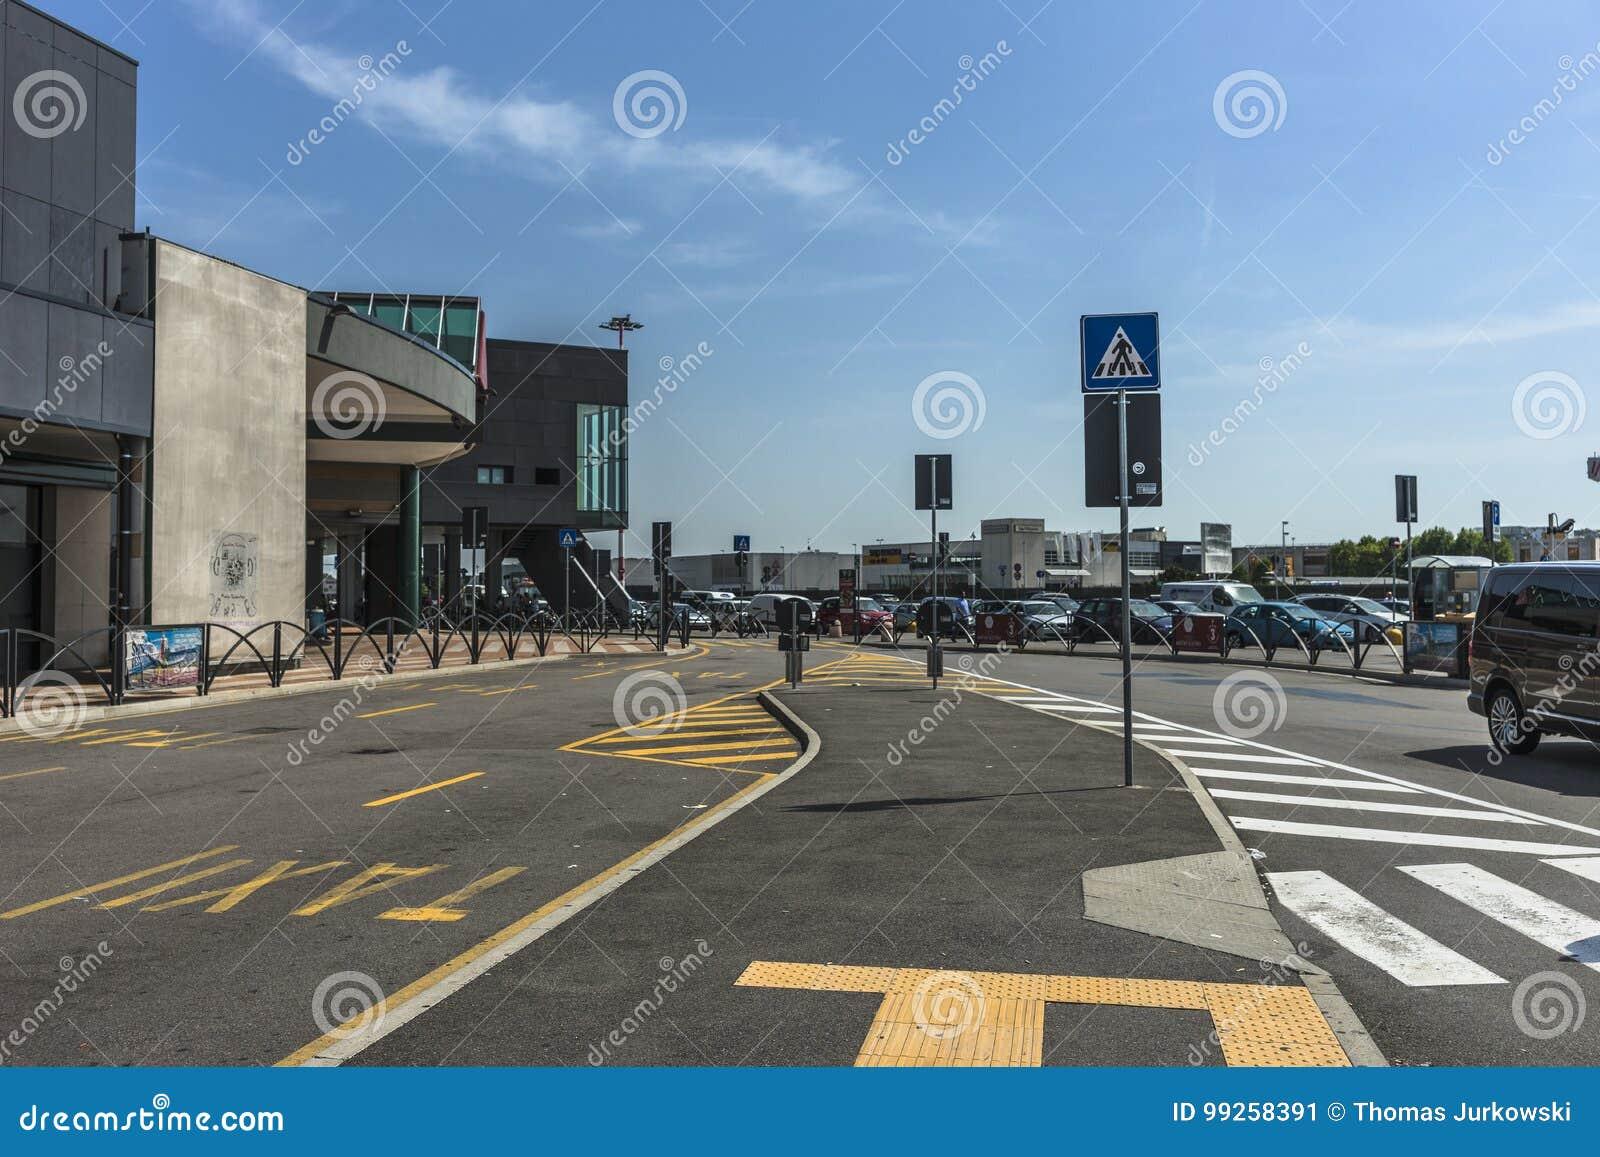 Aeroporto Orio Al Serio : Aeroporto di bergamo bergamo airport aeropuerto de bergamo